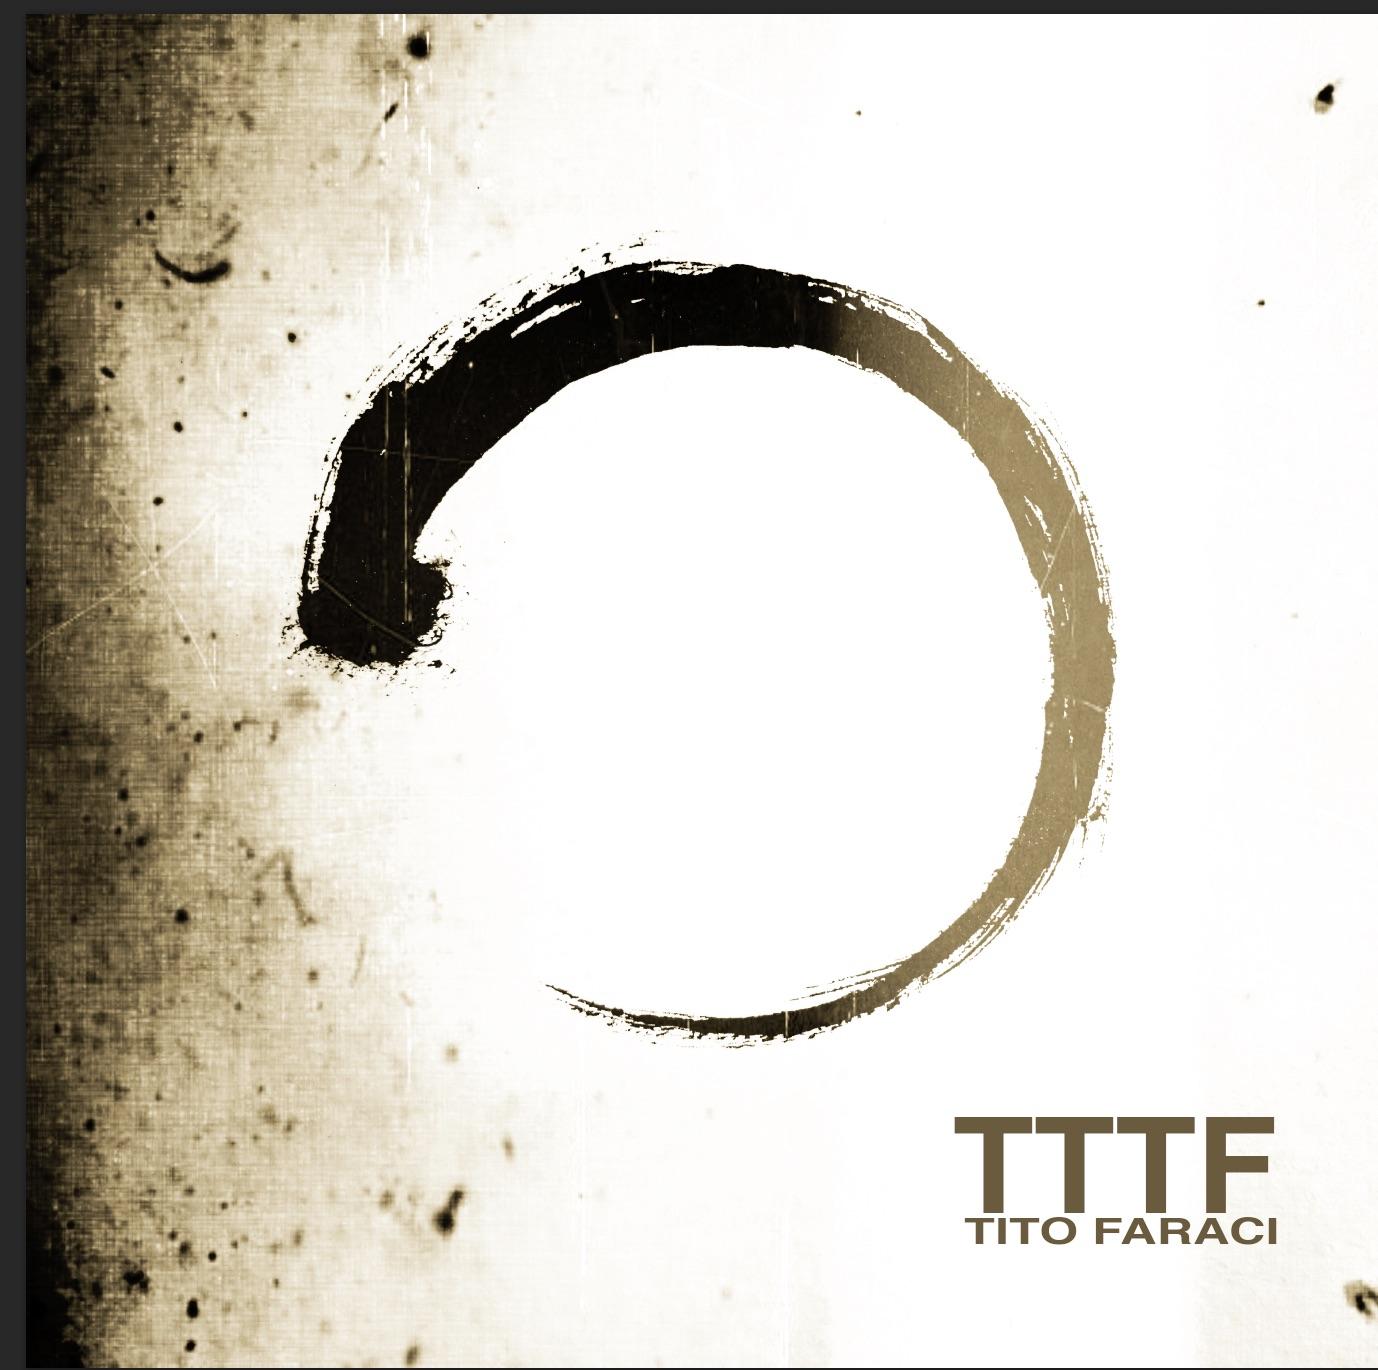 TTTF il ritorno alla musica di TITO FARACI